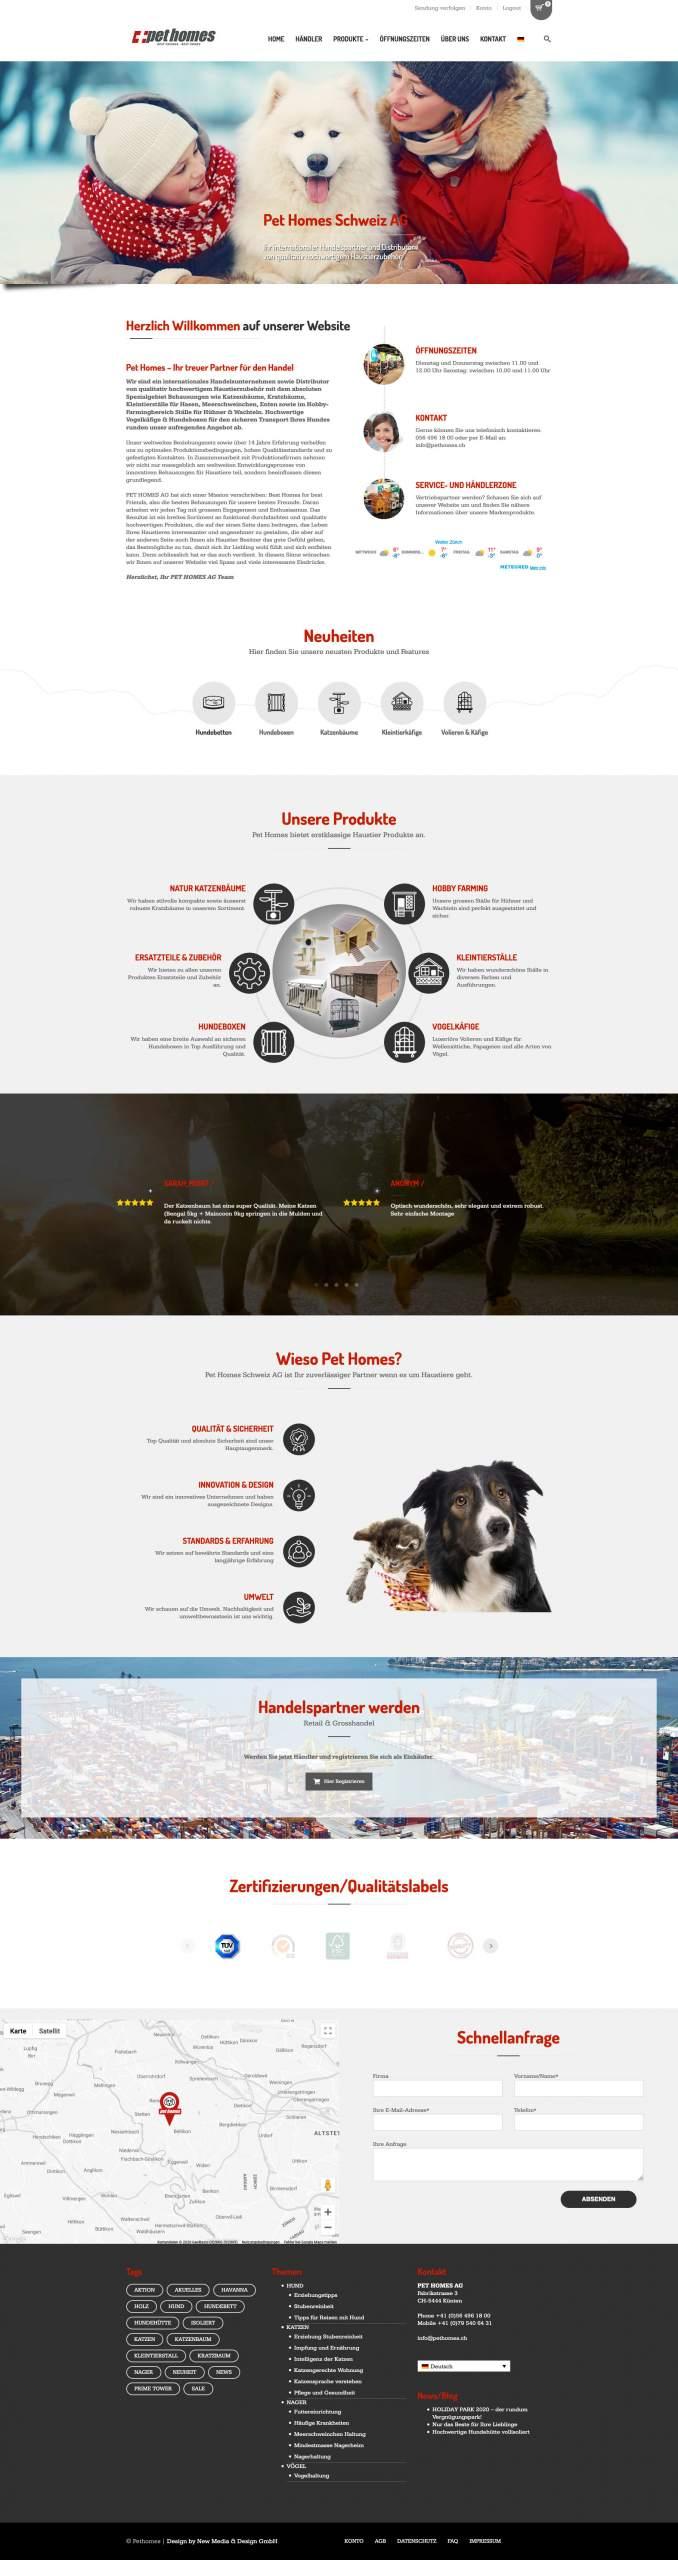 New Media & Design Webdesign